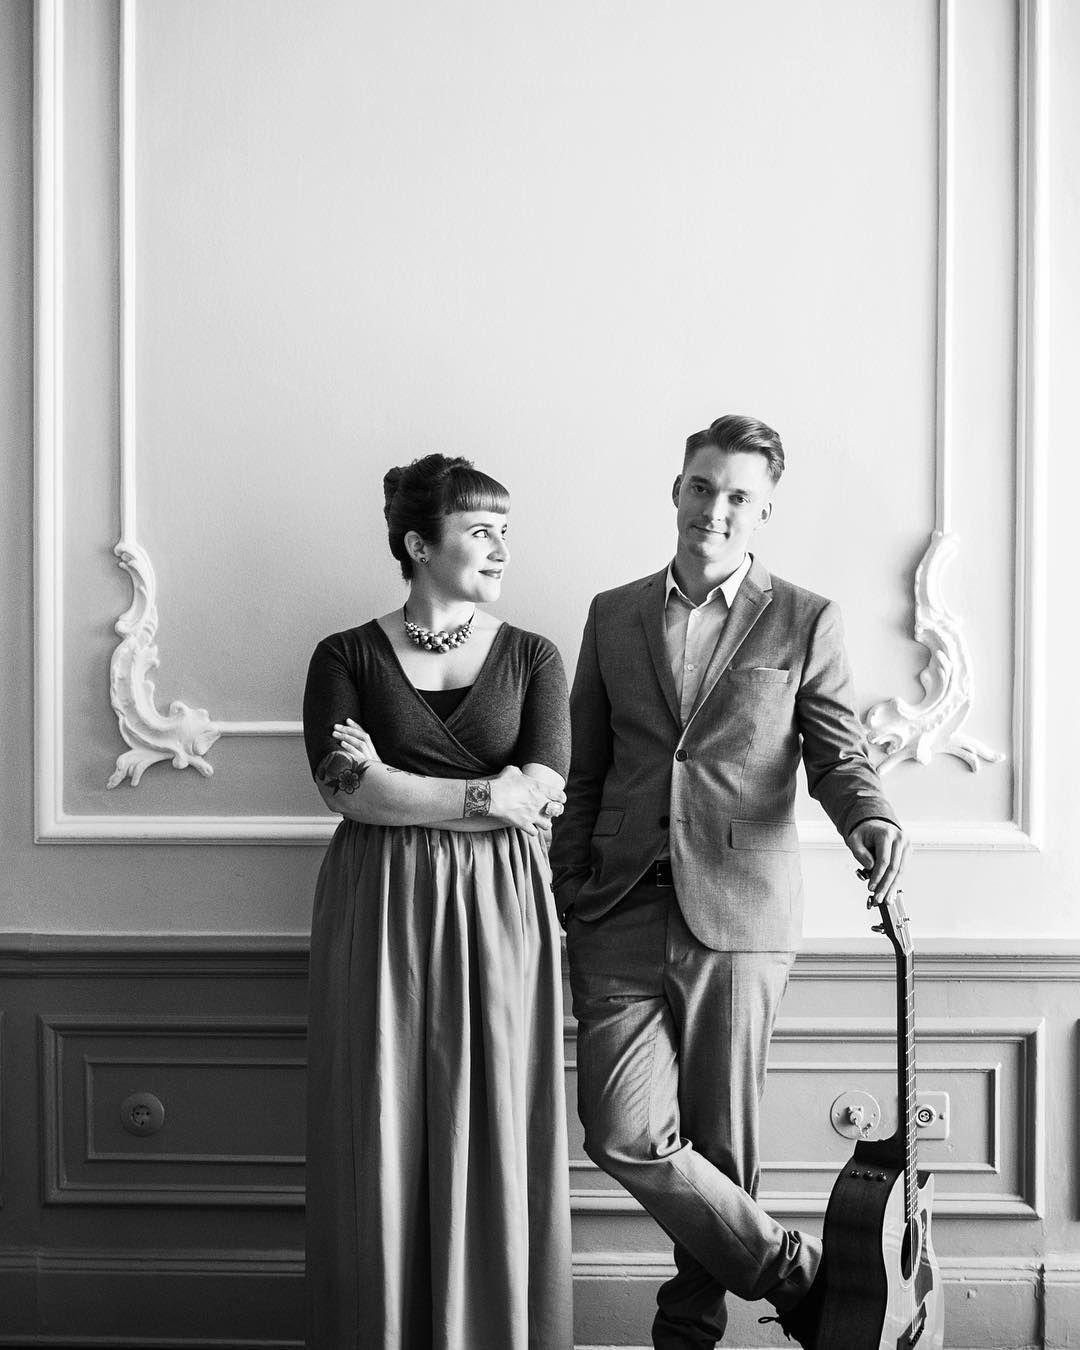 Tenderdelights Alex Lovina Foto Annalenski Hh Jules Phoenix Werbung Da Verlinkung Weddingpl In 2020 Friends Instagram Instagram Talk Show